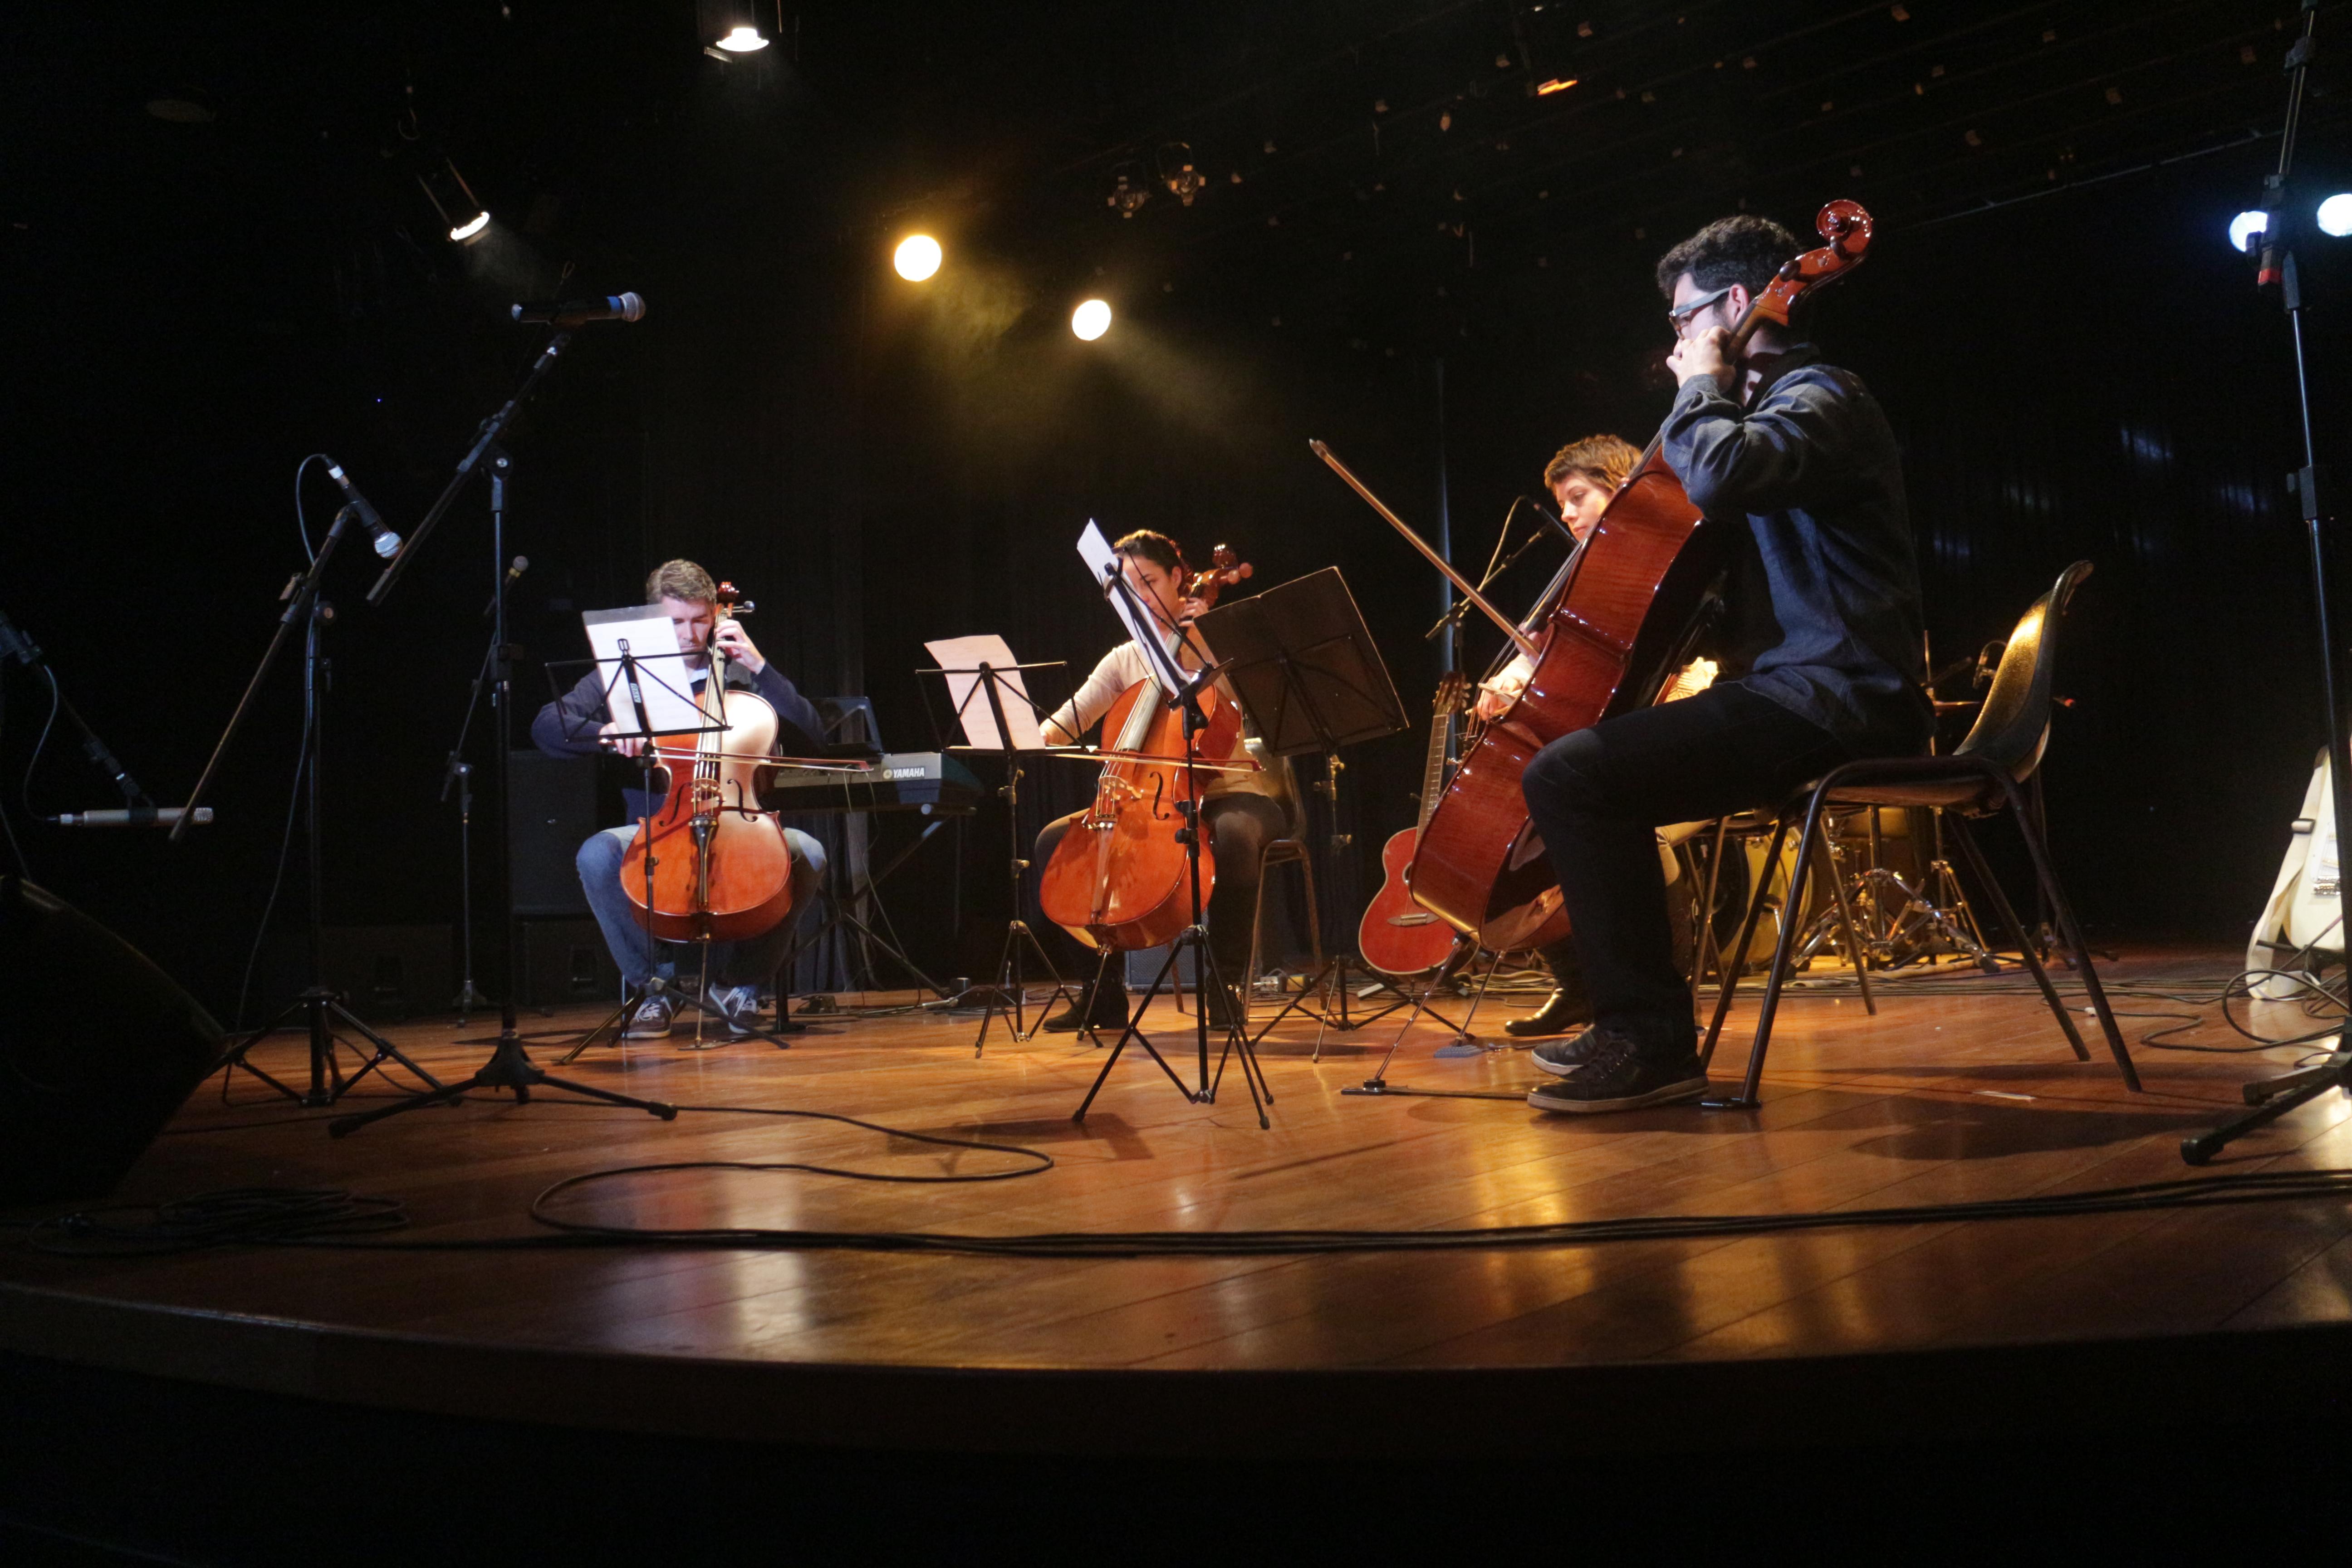 Aulas de Violoncelo Curitiba